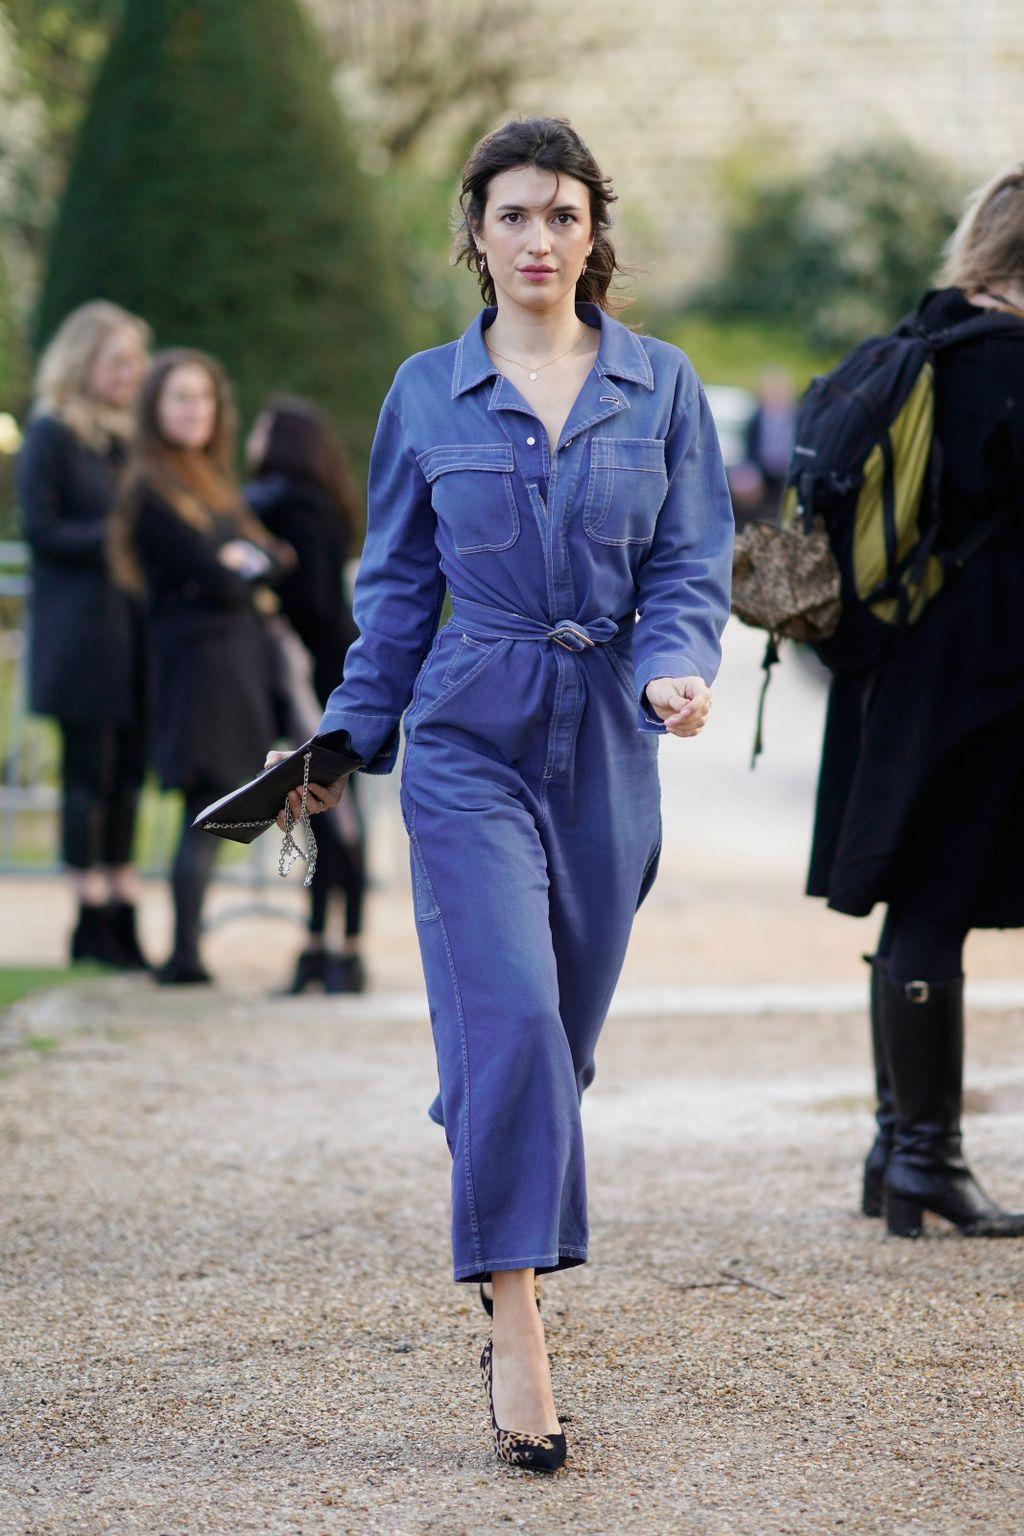 Jeanne Damas, nova francuska stilska ikona, preferira udobnu odjeću za posao